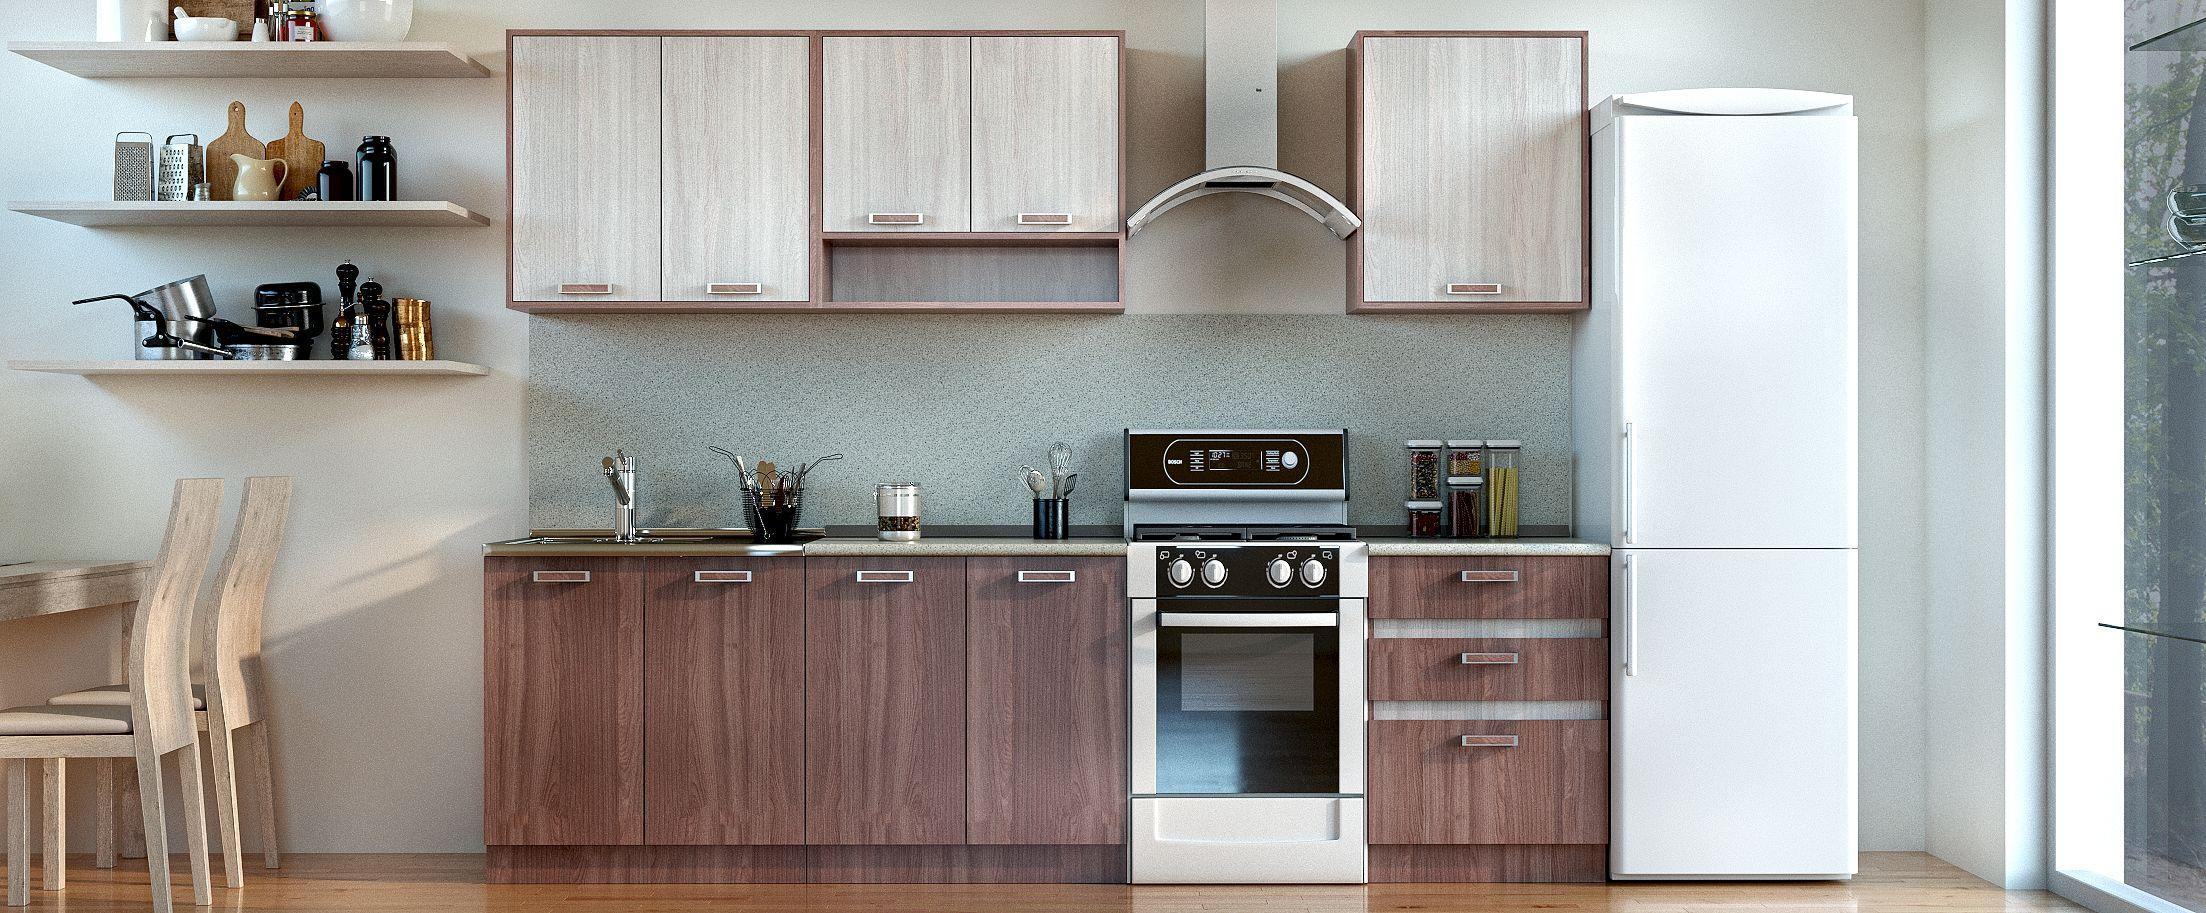 Кухня Шимо темный 2,2 мКупить удобный и практичный набор кухонного гарнитура в интернет магазине MOON TRADE. Быстрая доставка, вынос упаковки, гарантия! Выгодная покупка!<br>